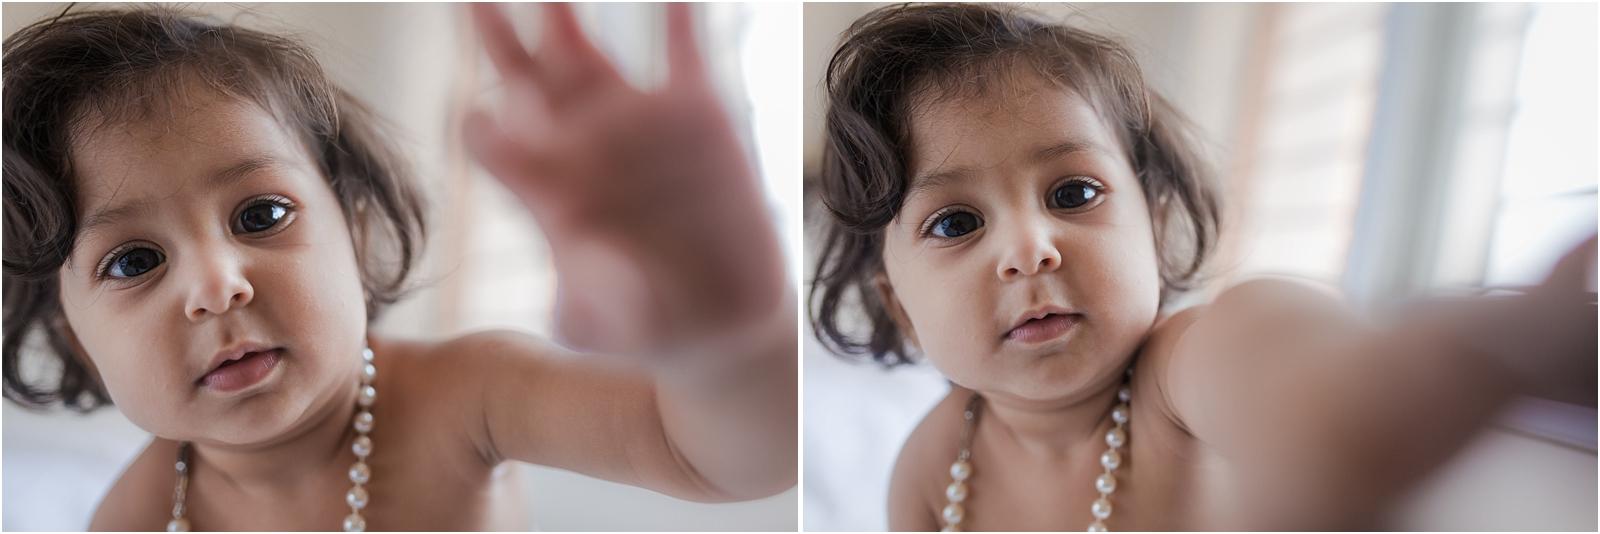 27042017-Deeksha-turns-one-family-shoot-162-1.jpg